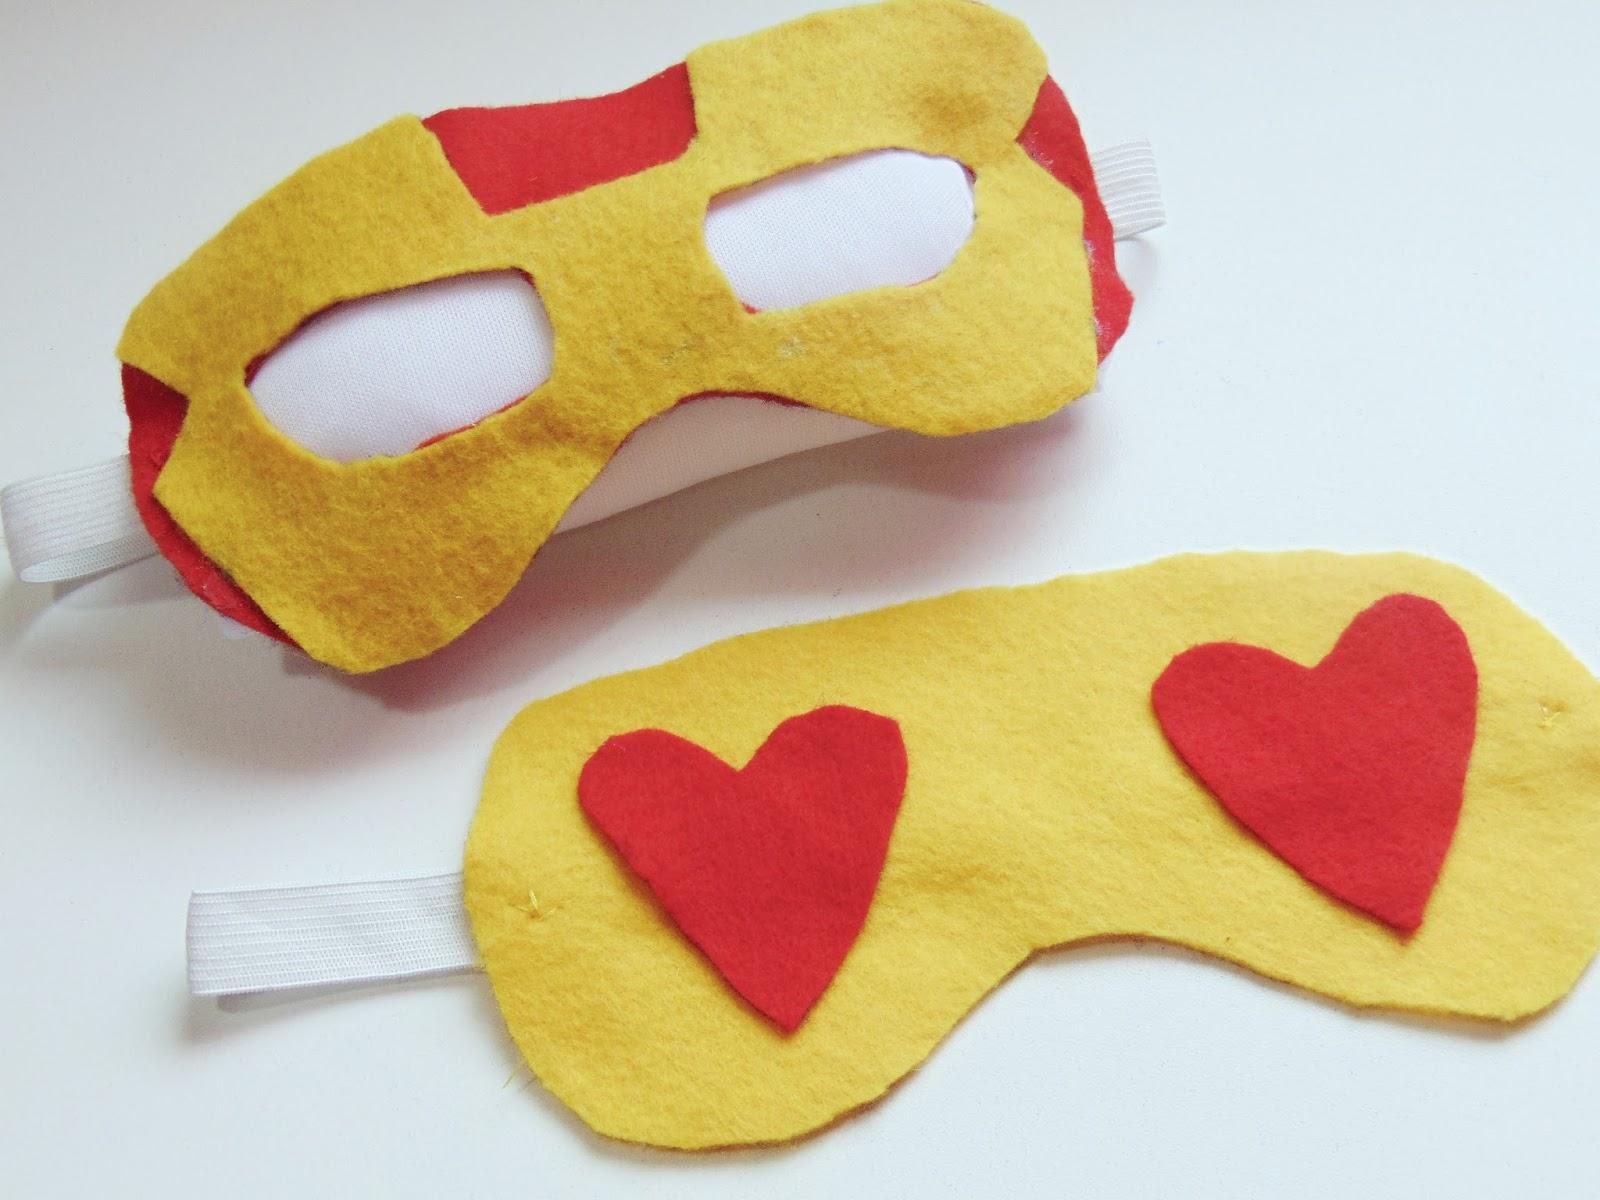 Máscaras para dormir heróis emoji, ally arruda